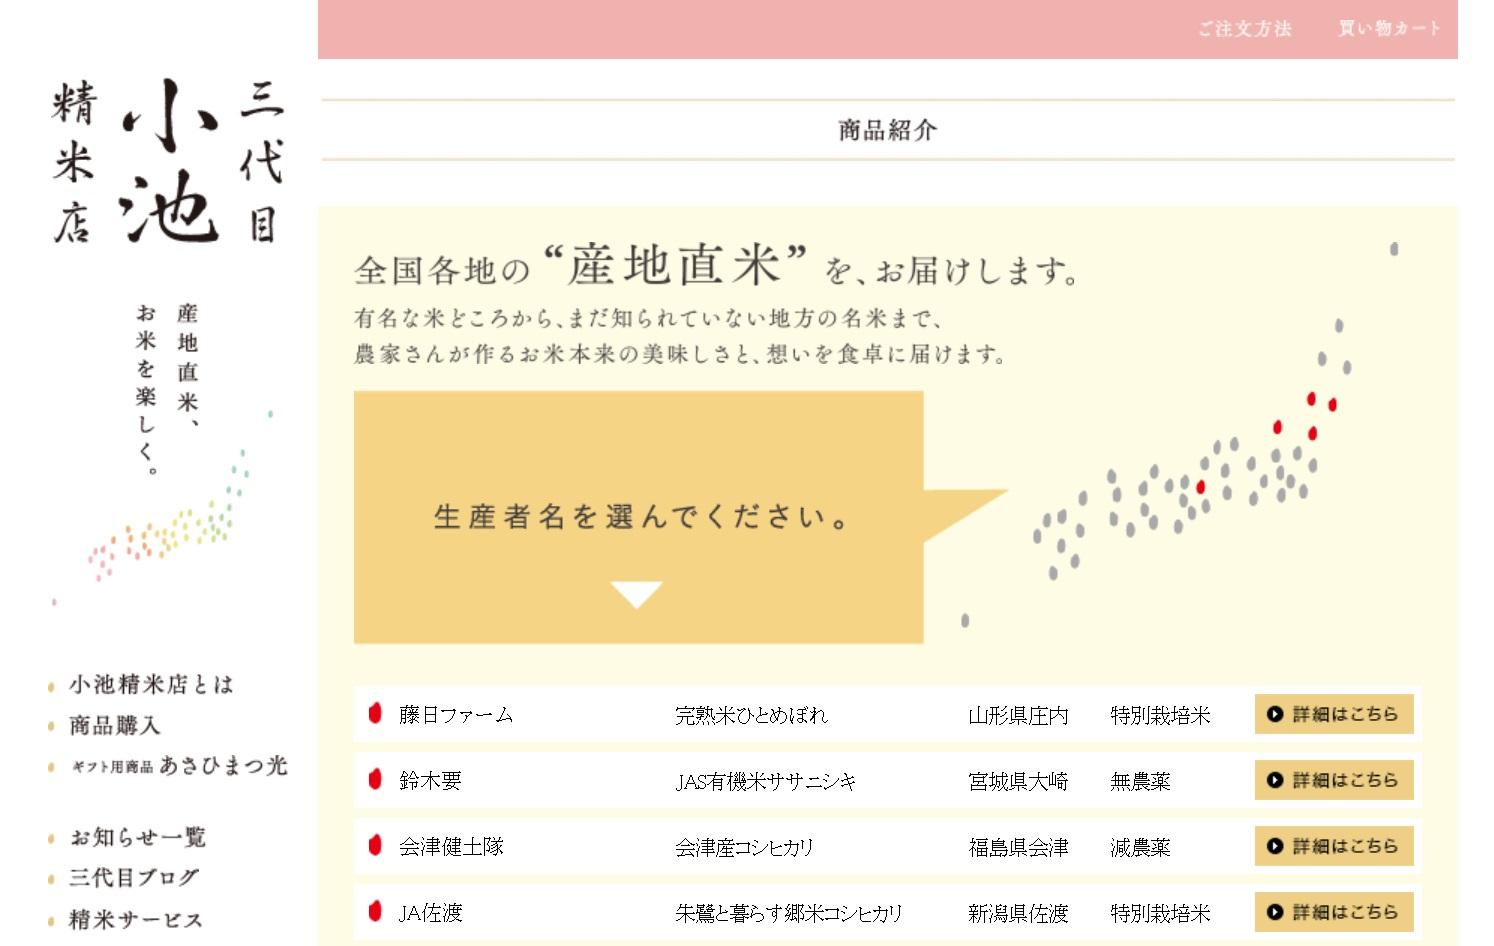 小池精米店サイト